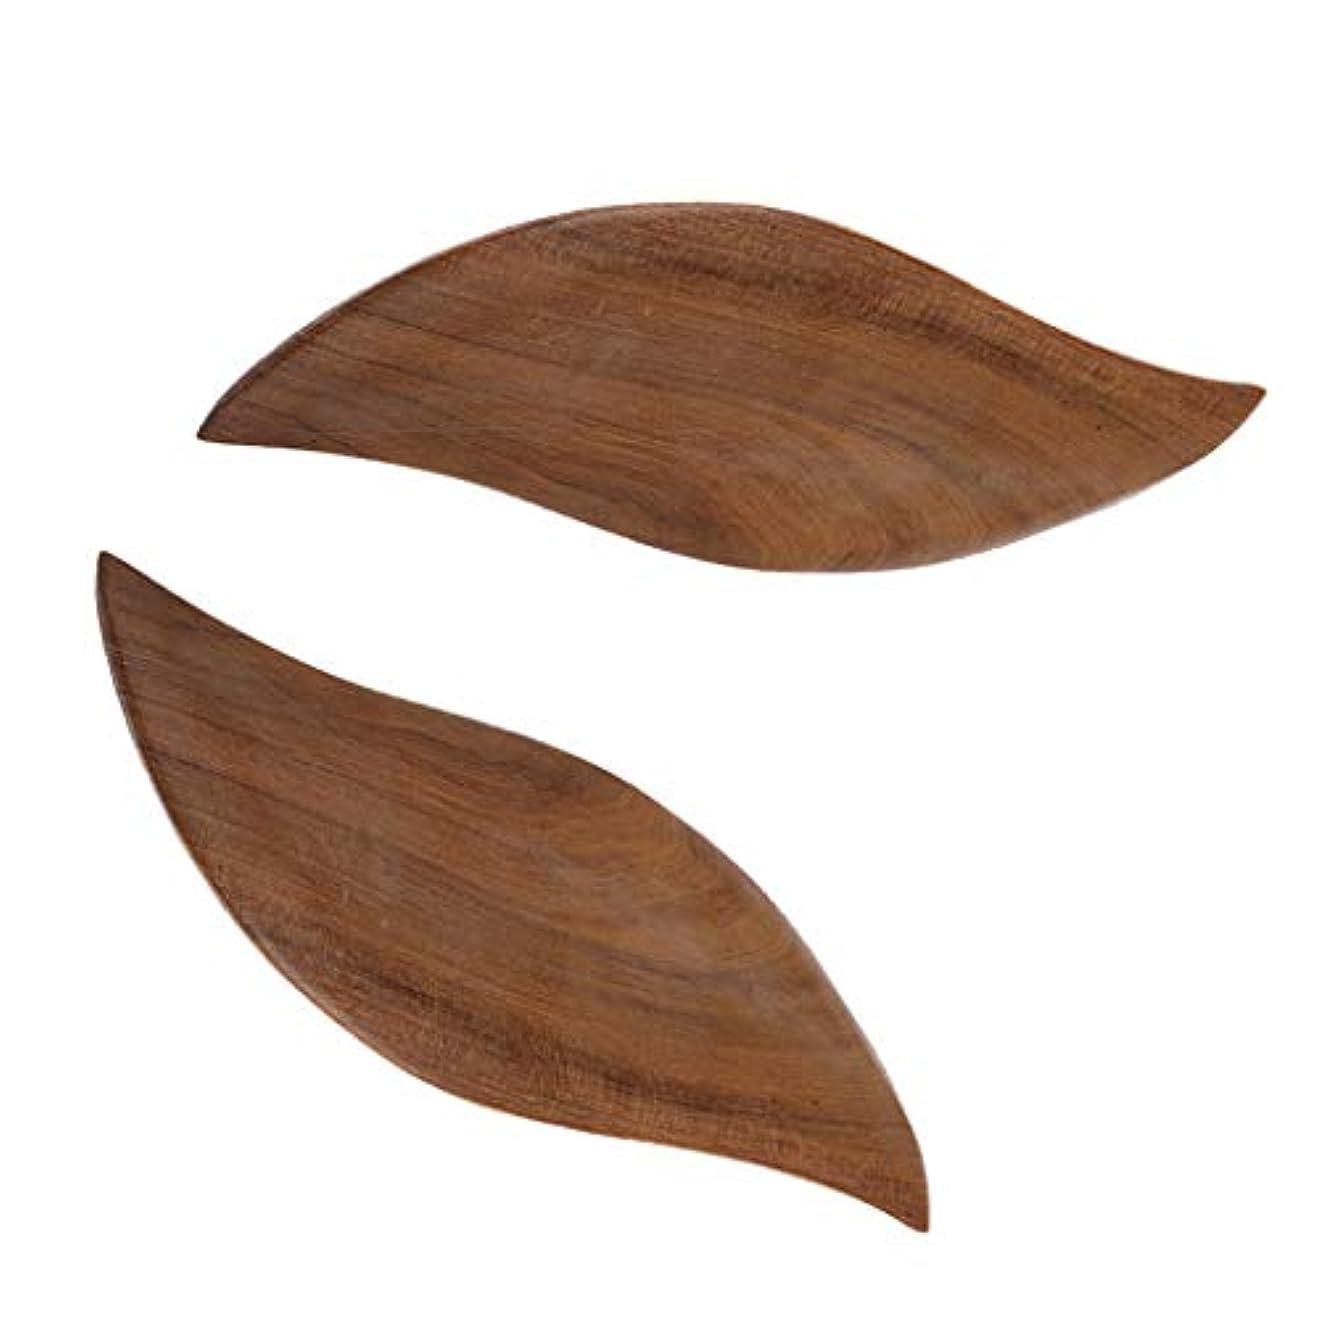 協同休憩する記念2枚 かっさプレート 木製 ボード ボディーケア マッサージ マッサージャー